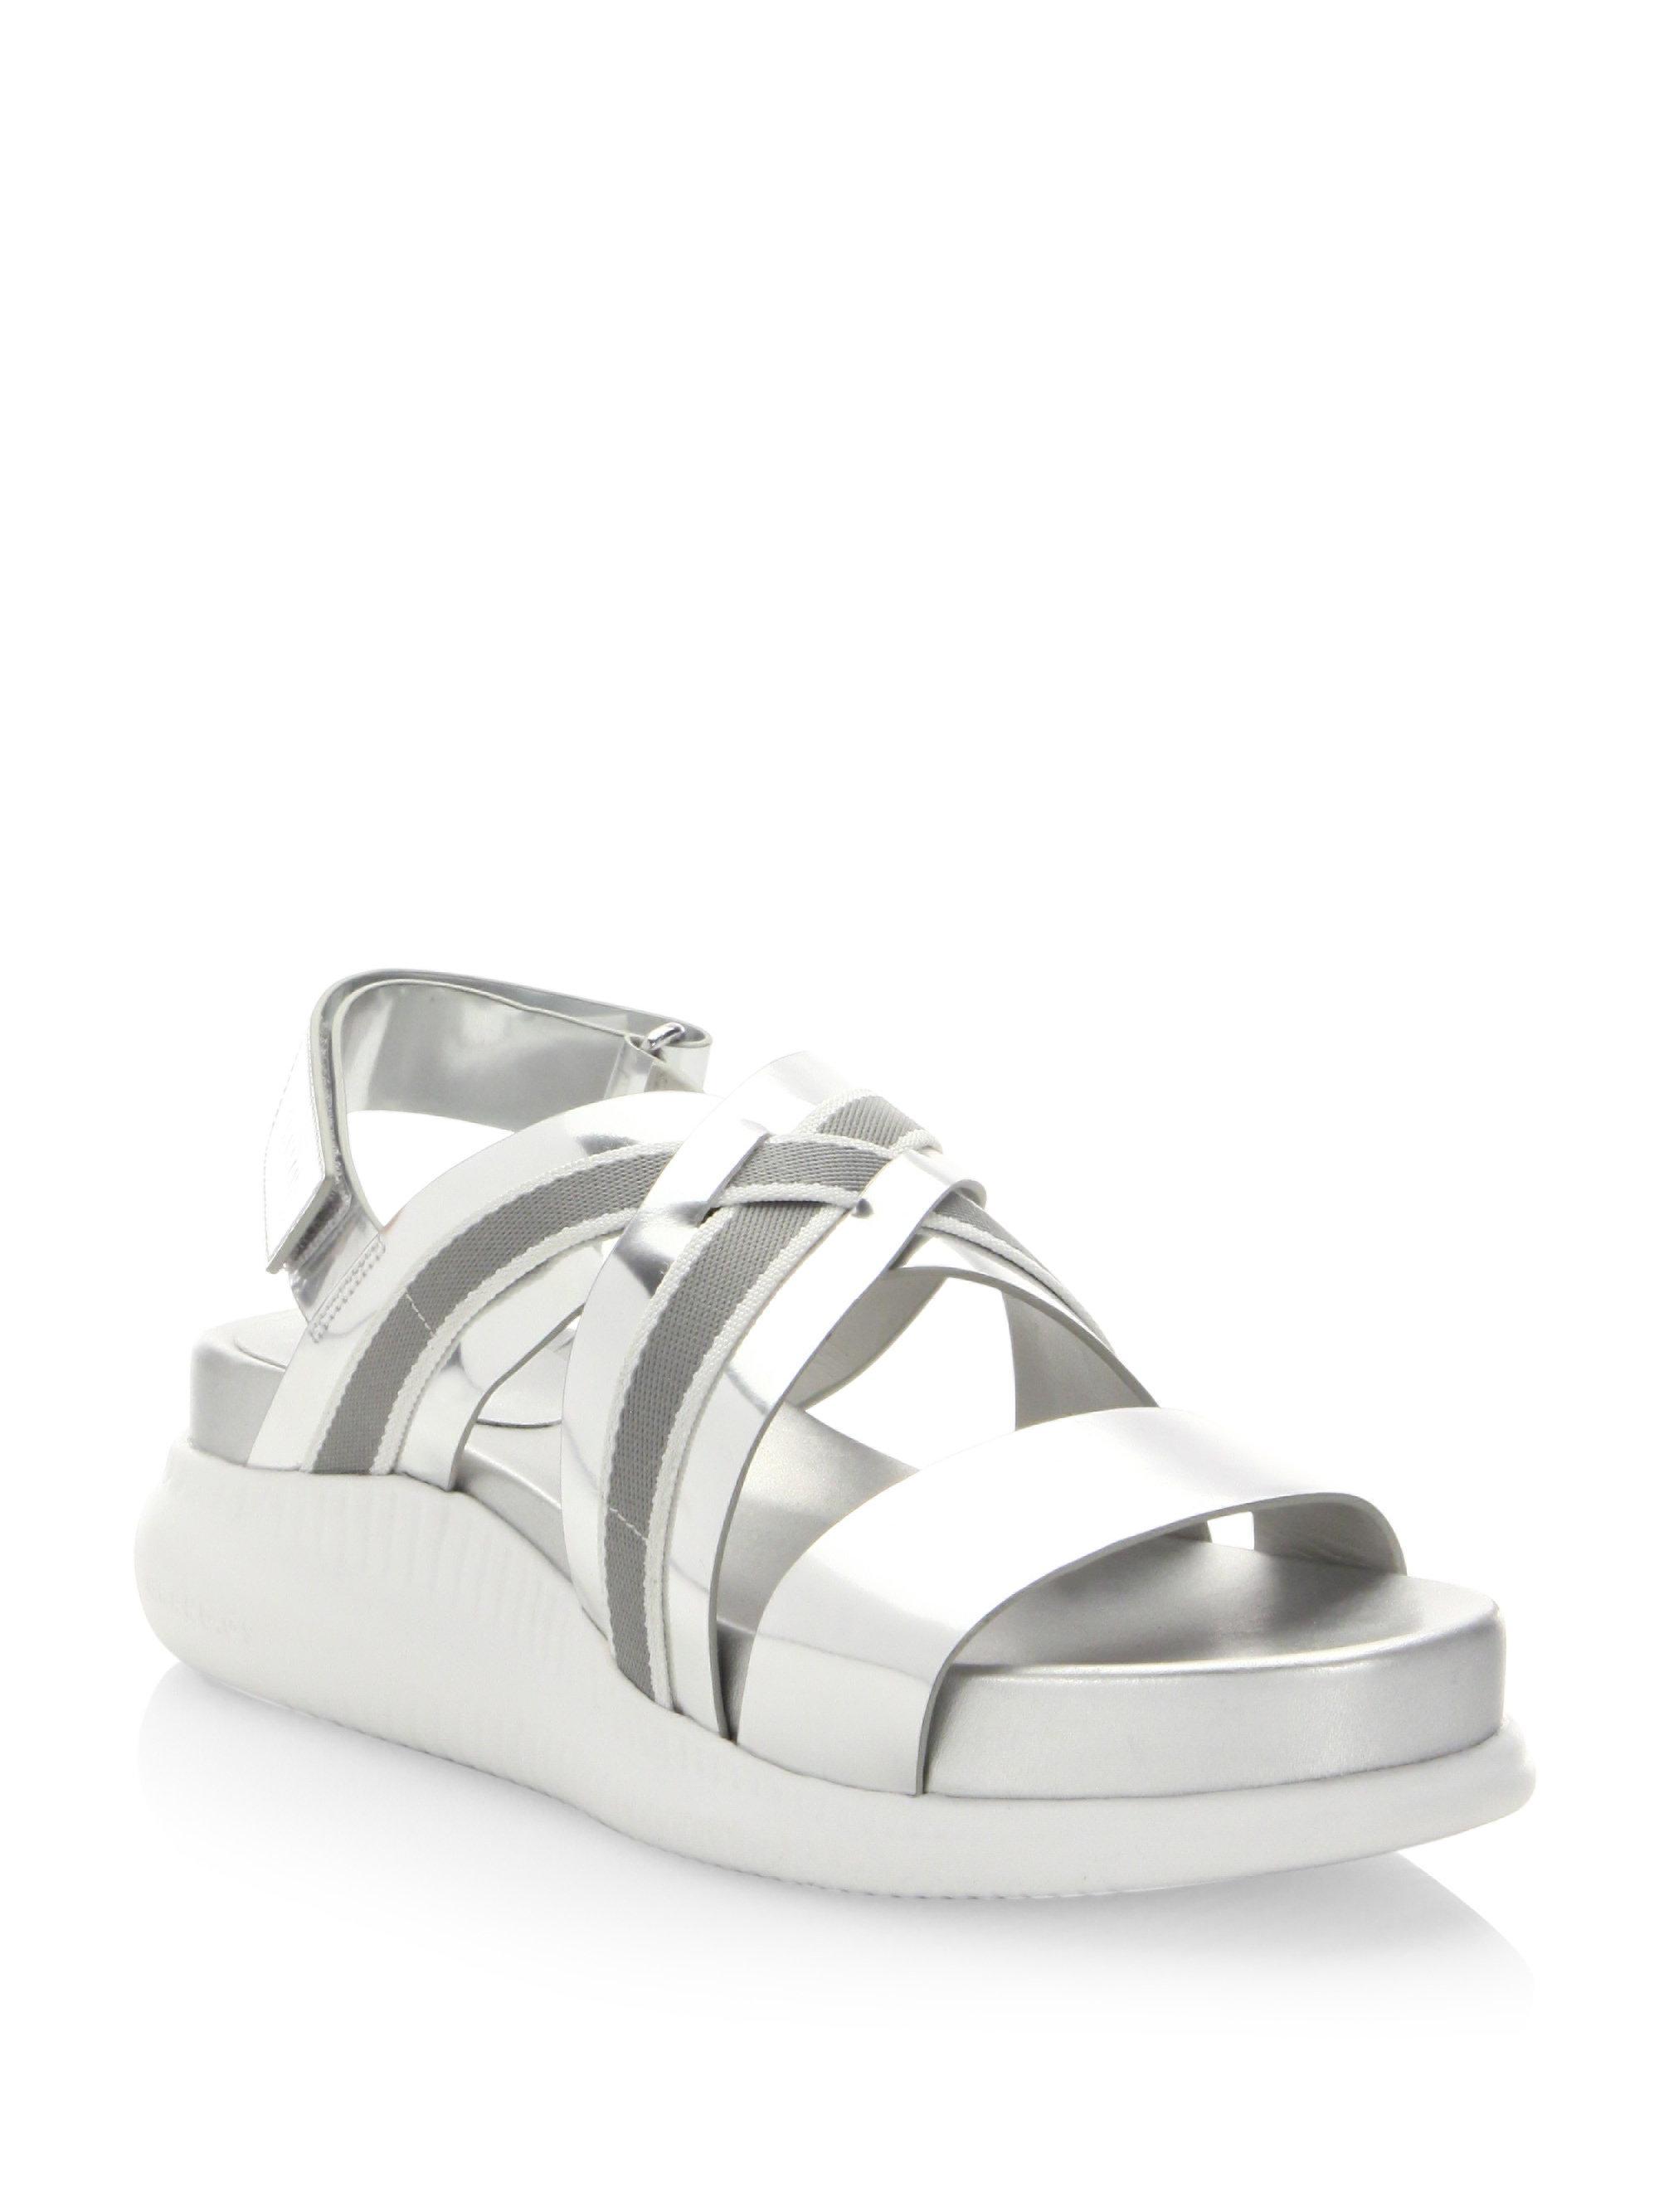 de2fe56fb Lyst - Cole Haan Zerogrand Chris Cross Wedge Sandals in Metallic